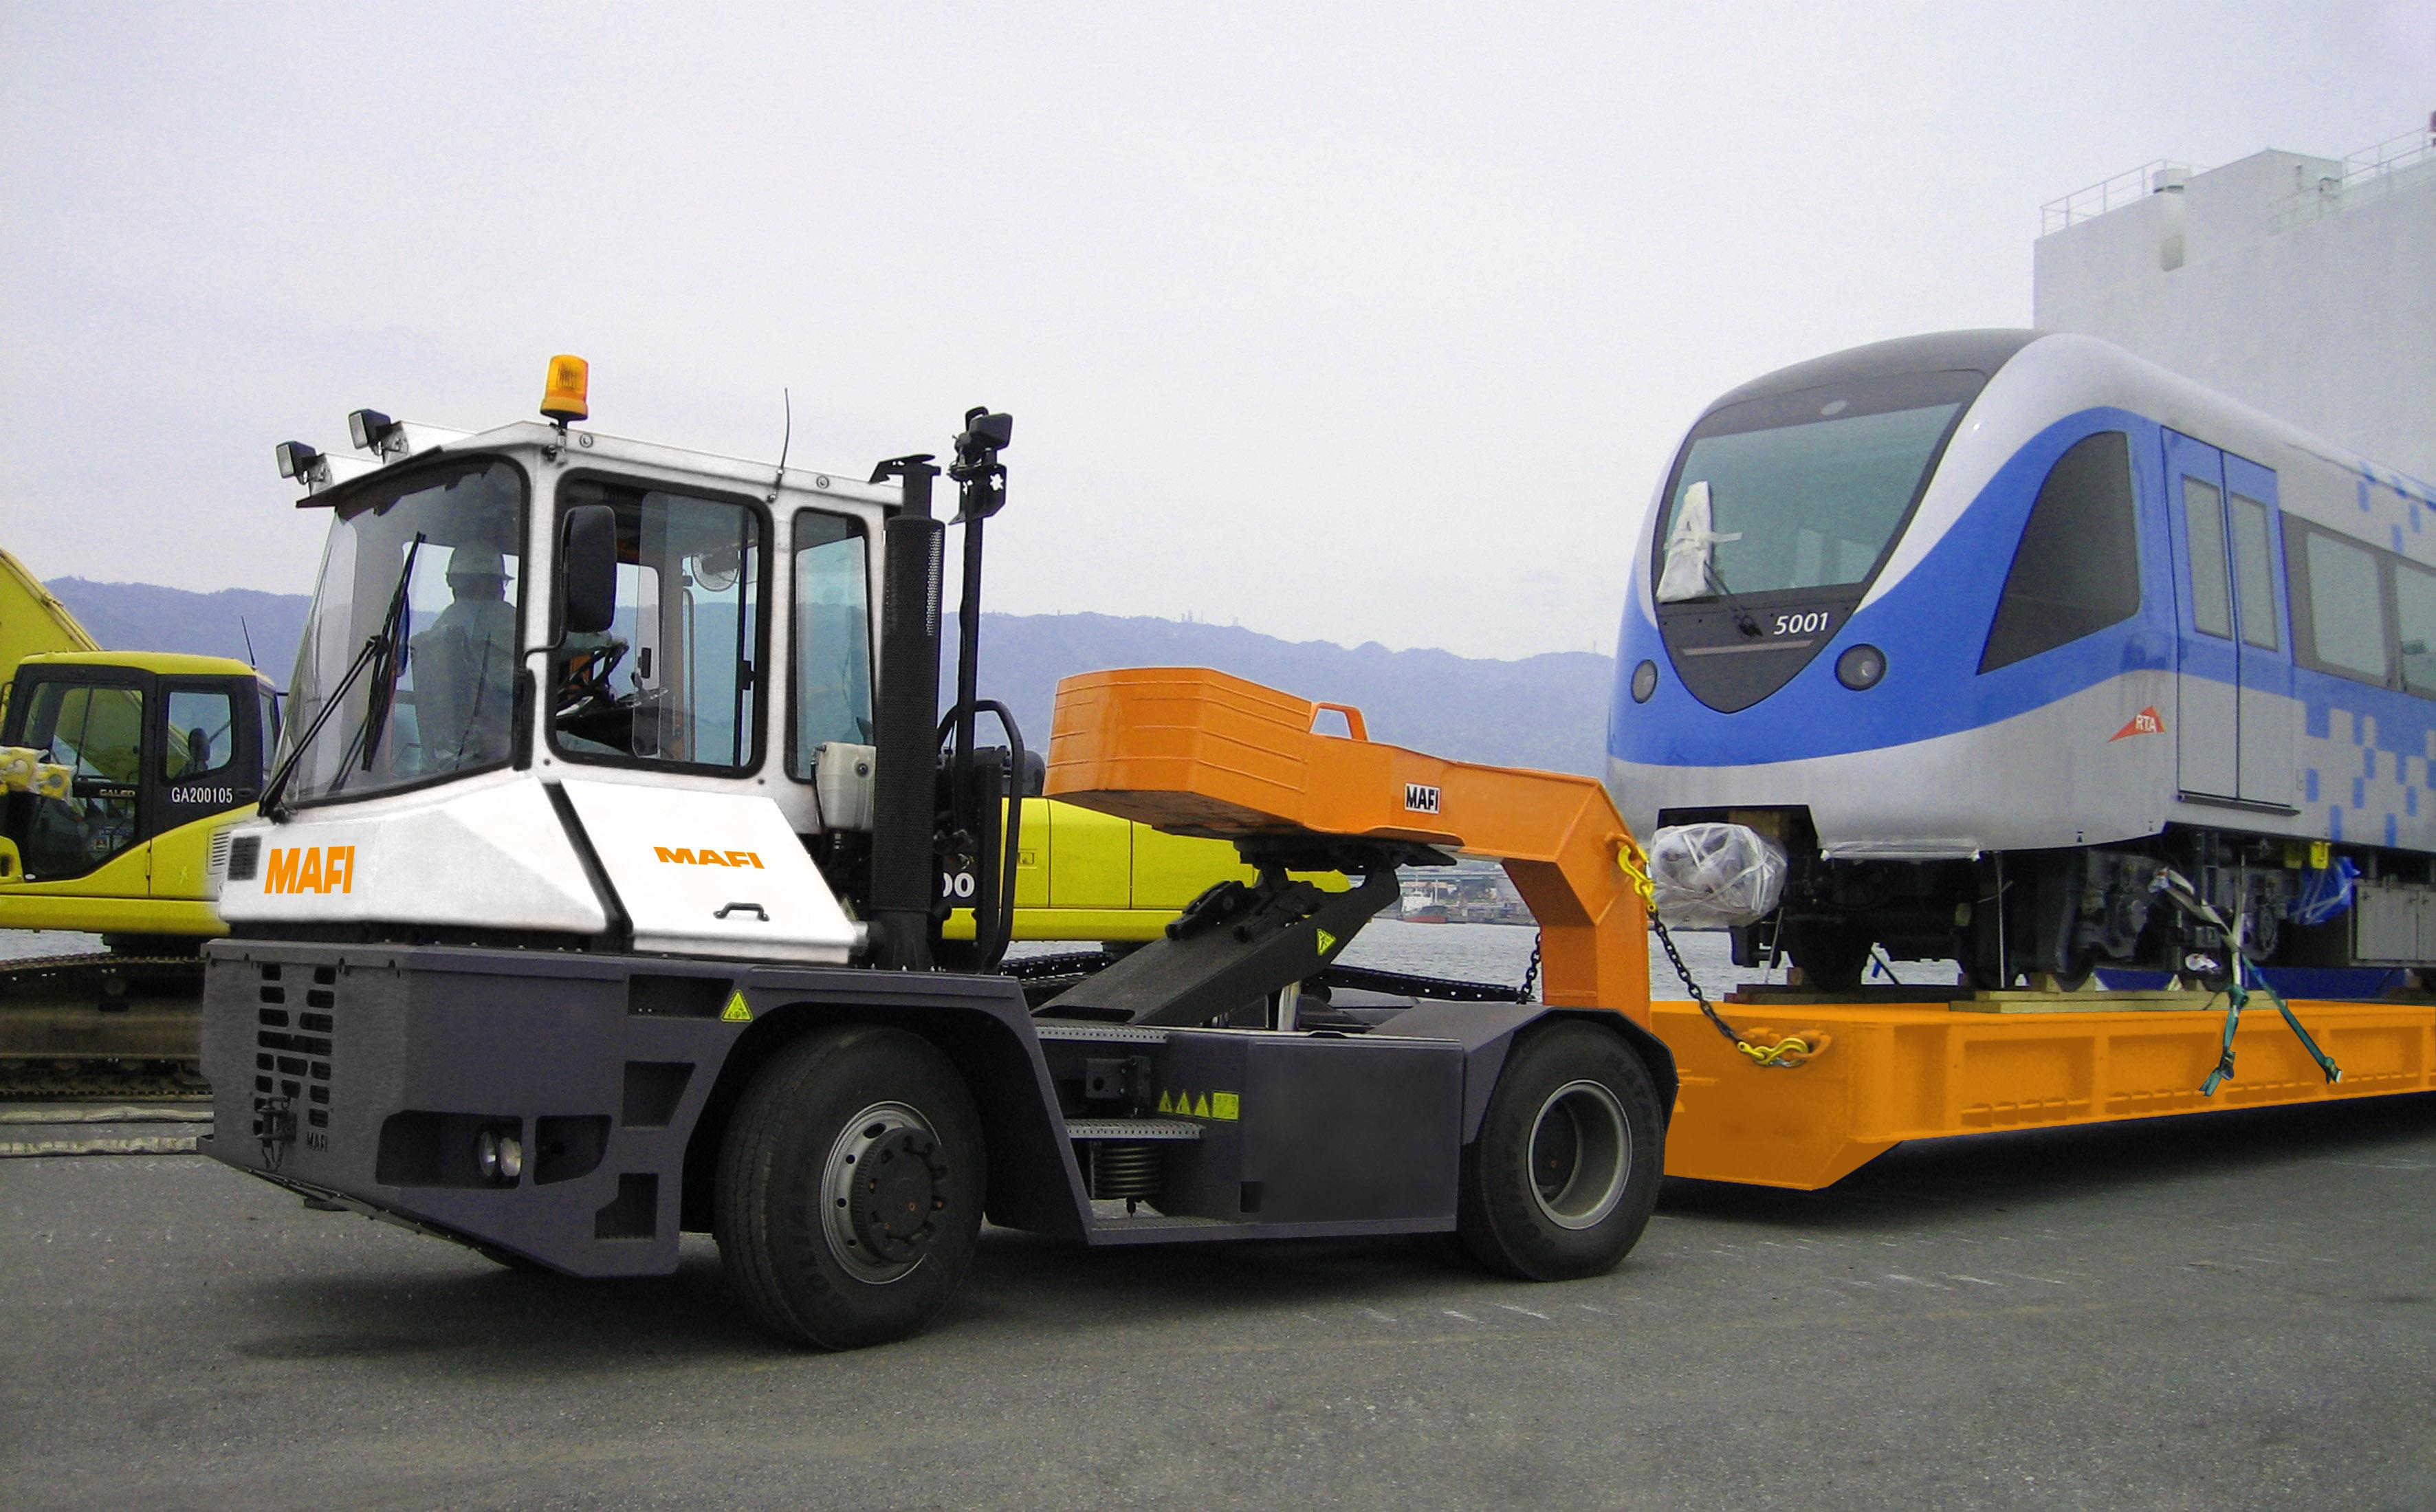 038 Impact Handling Mafi Ro Ro Tractor Impact Handling